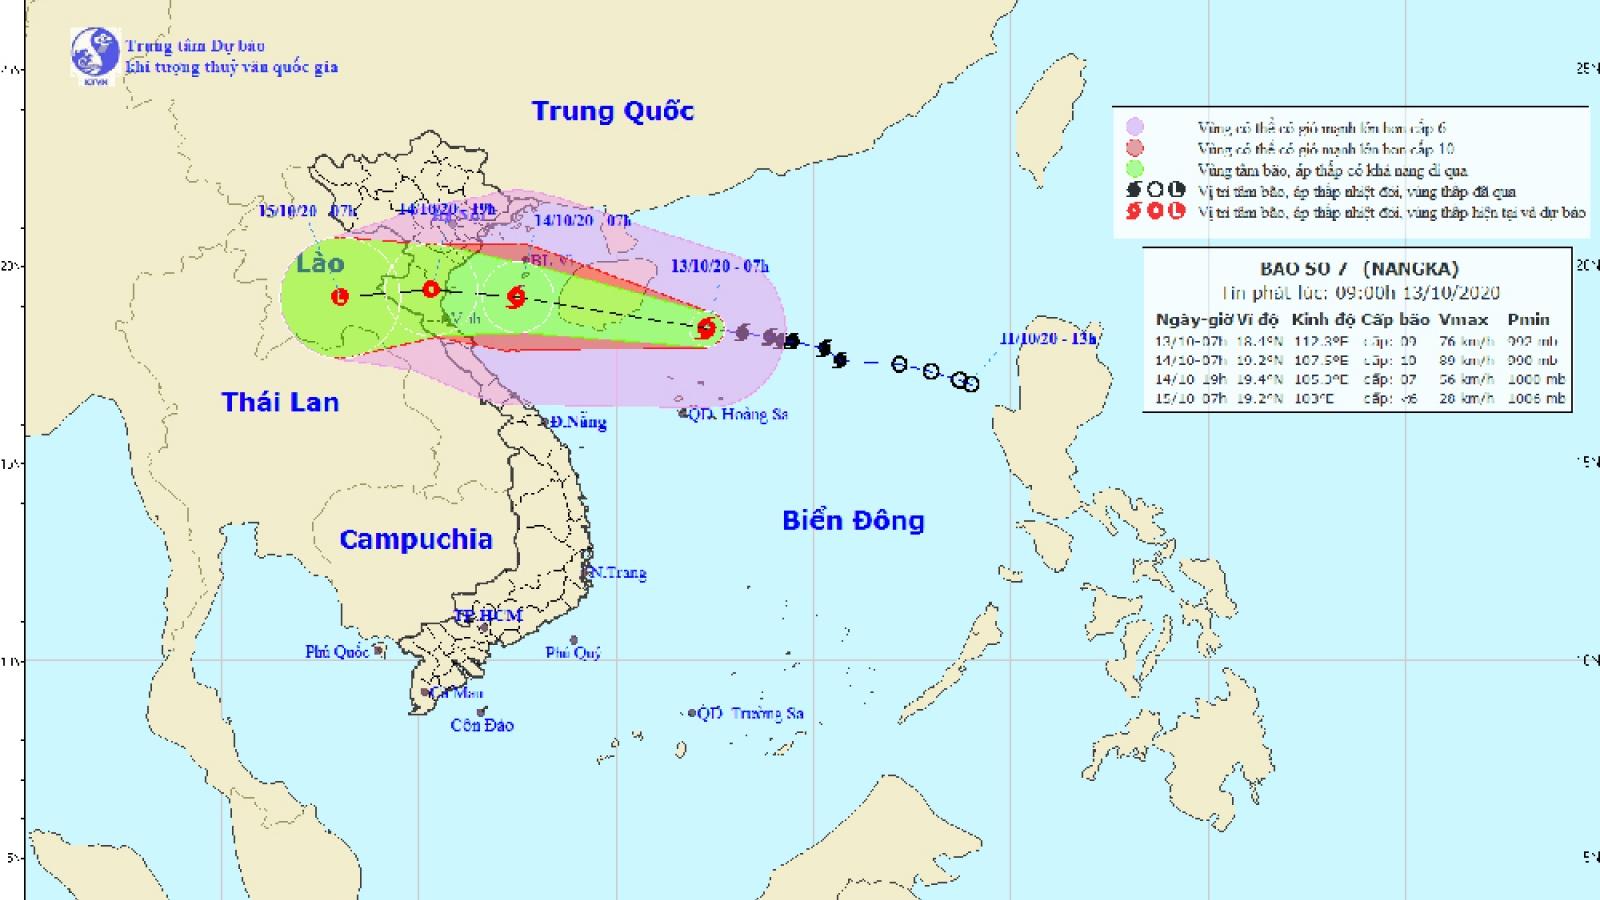 Bão số 7 giật cấp 11,  cách đảo Hải Nam (Trung Quốc) khoảng 220km